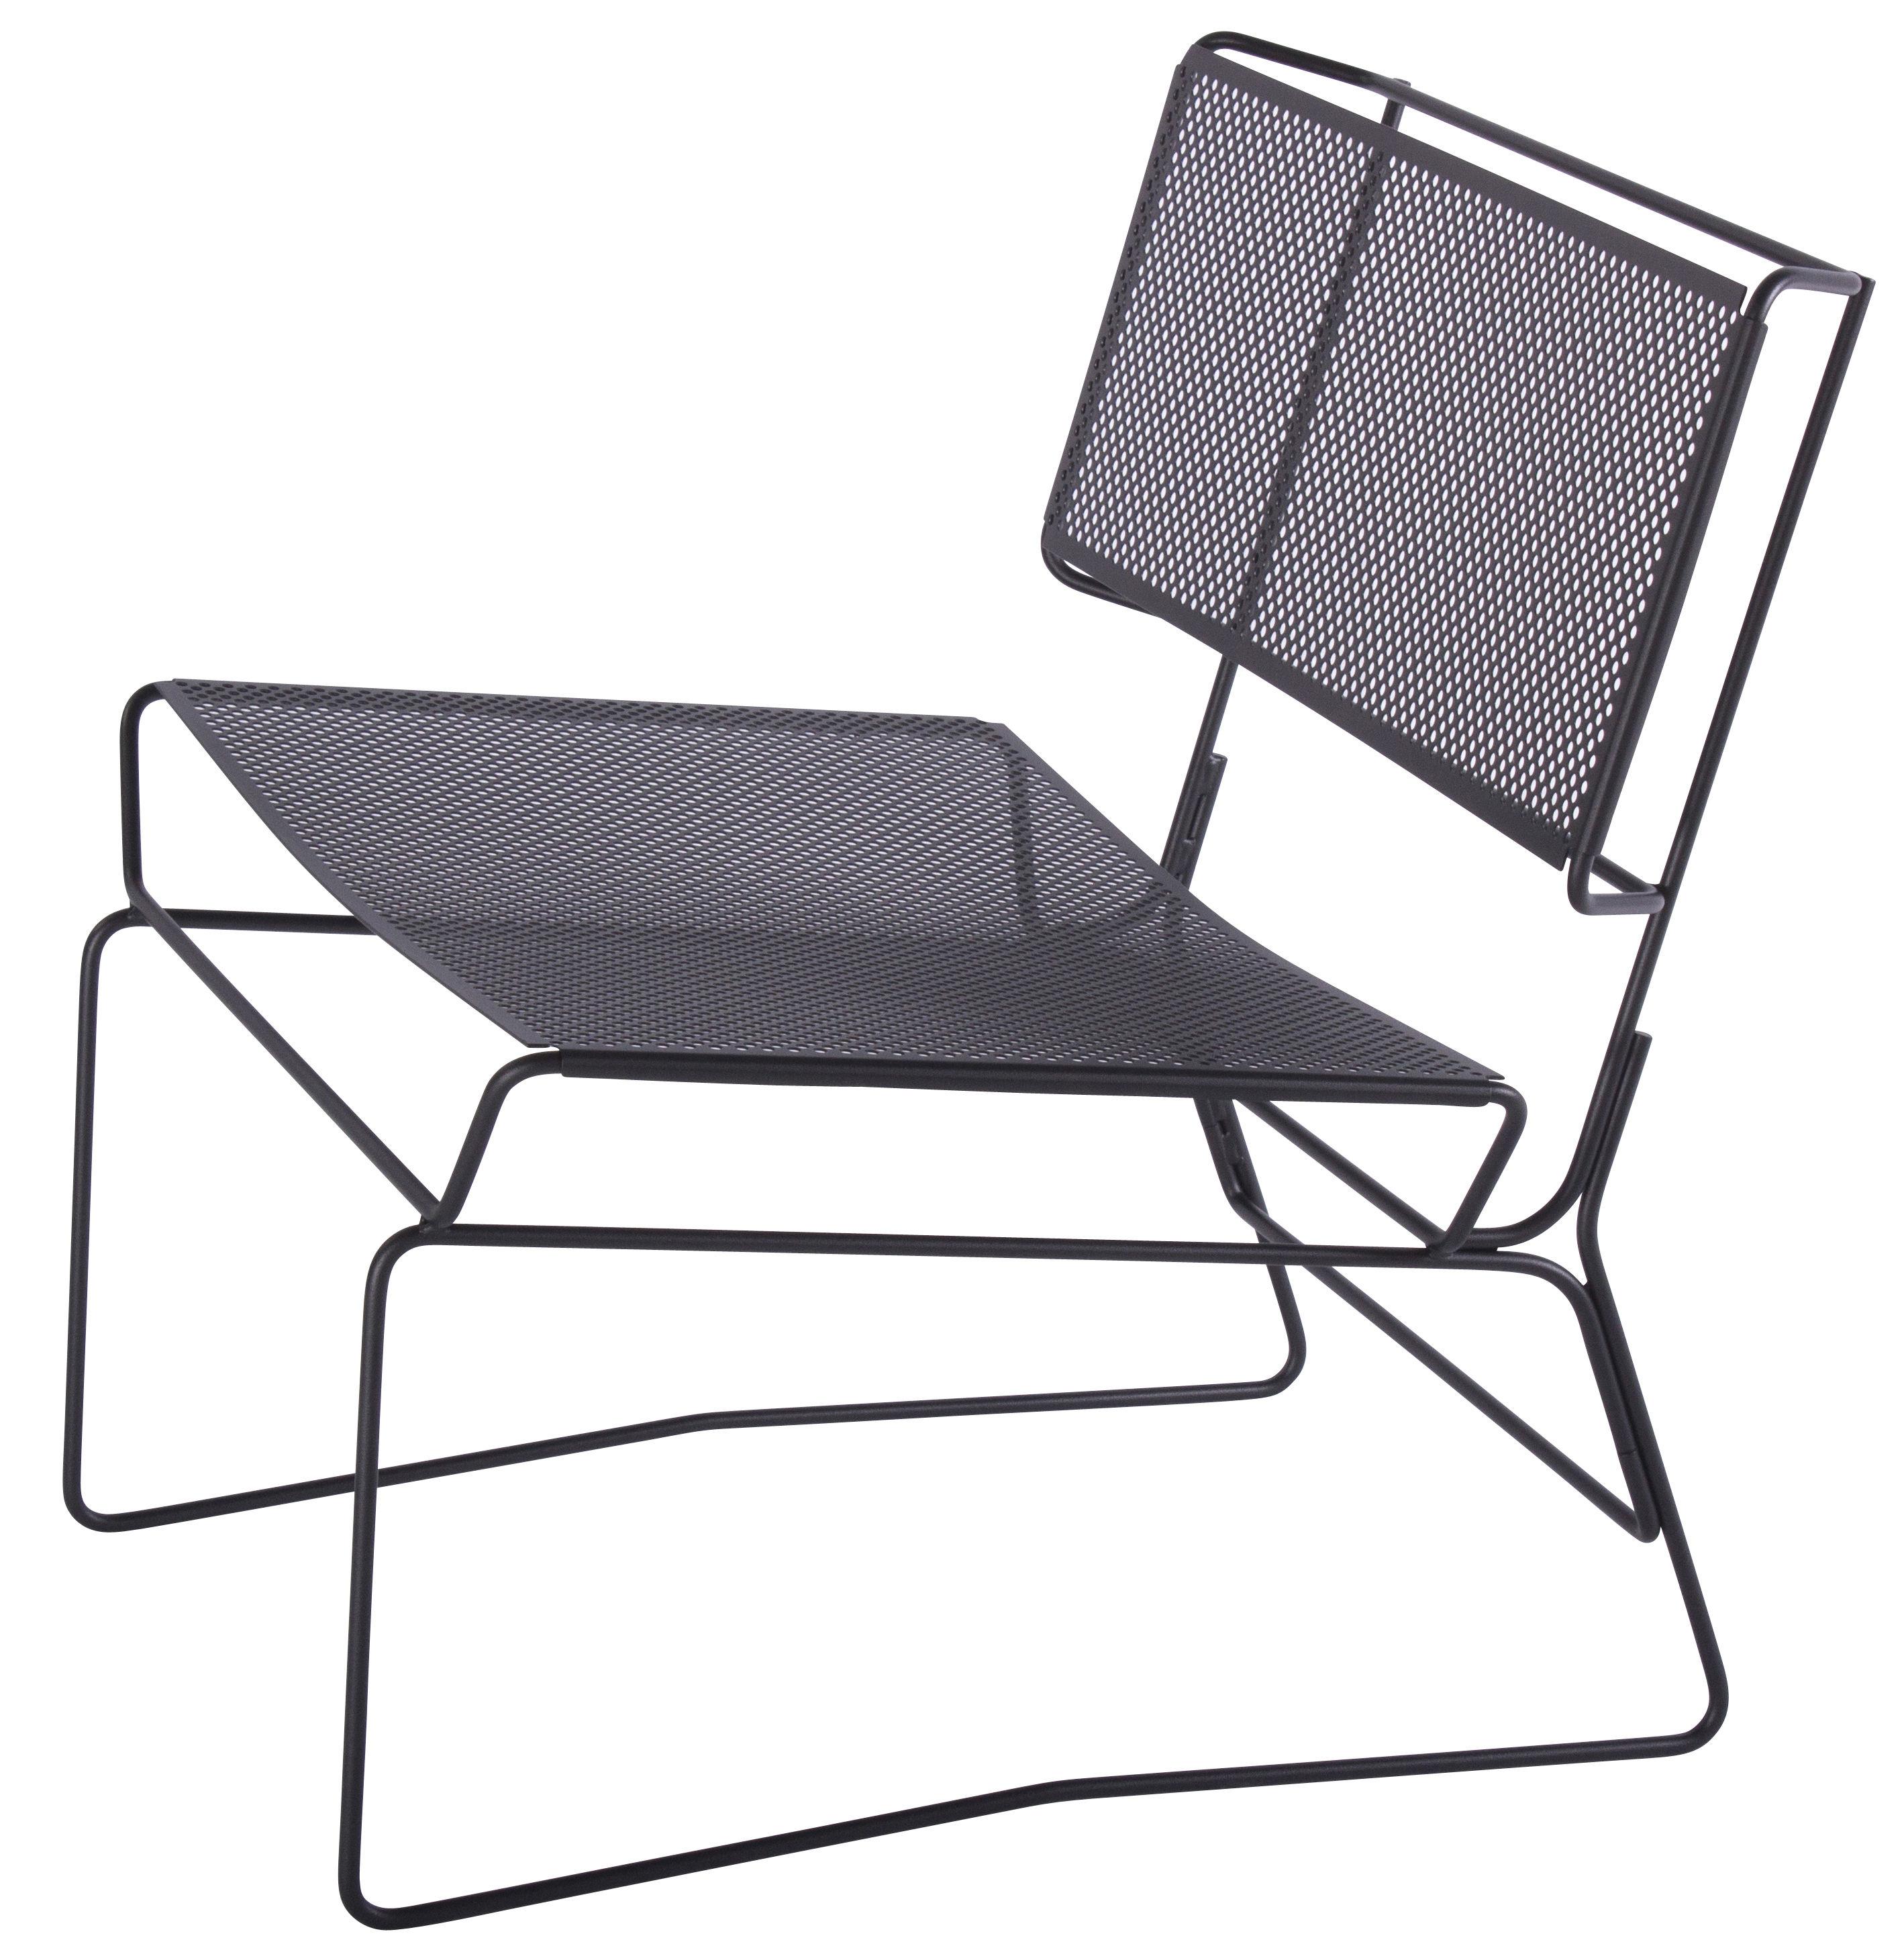 Mobilier - Fauteuils - Fauteuil bas Fil - AA-New Design - Noir - Acier laqué époxy